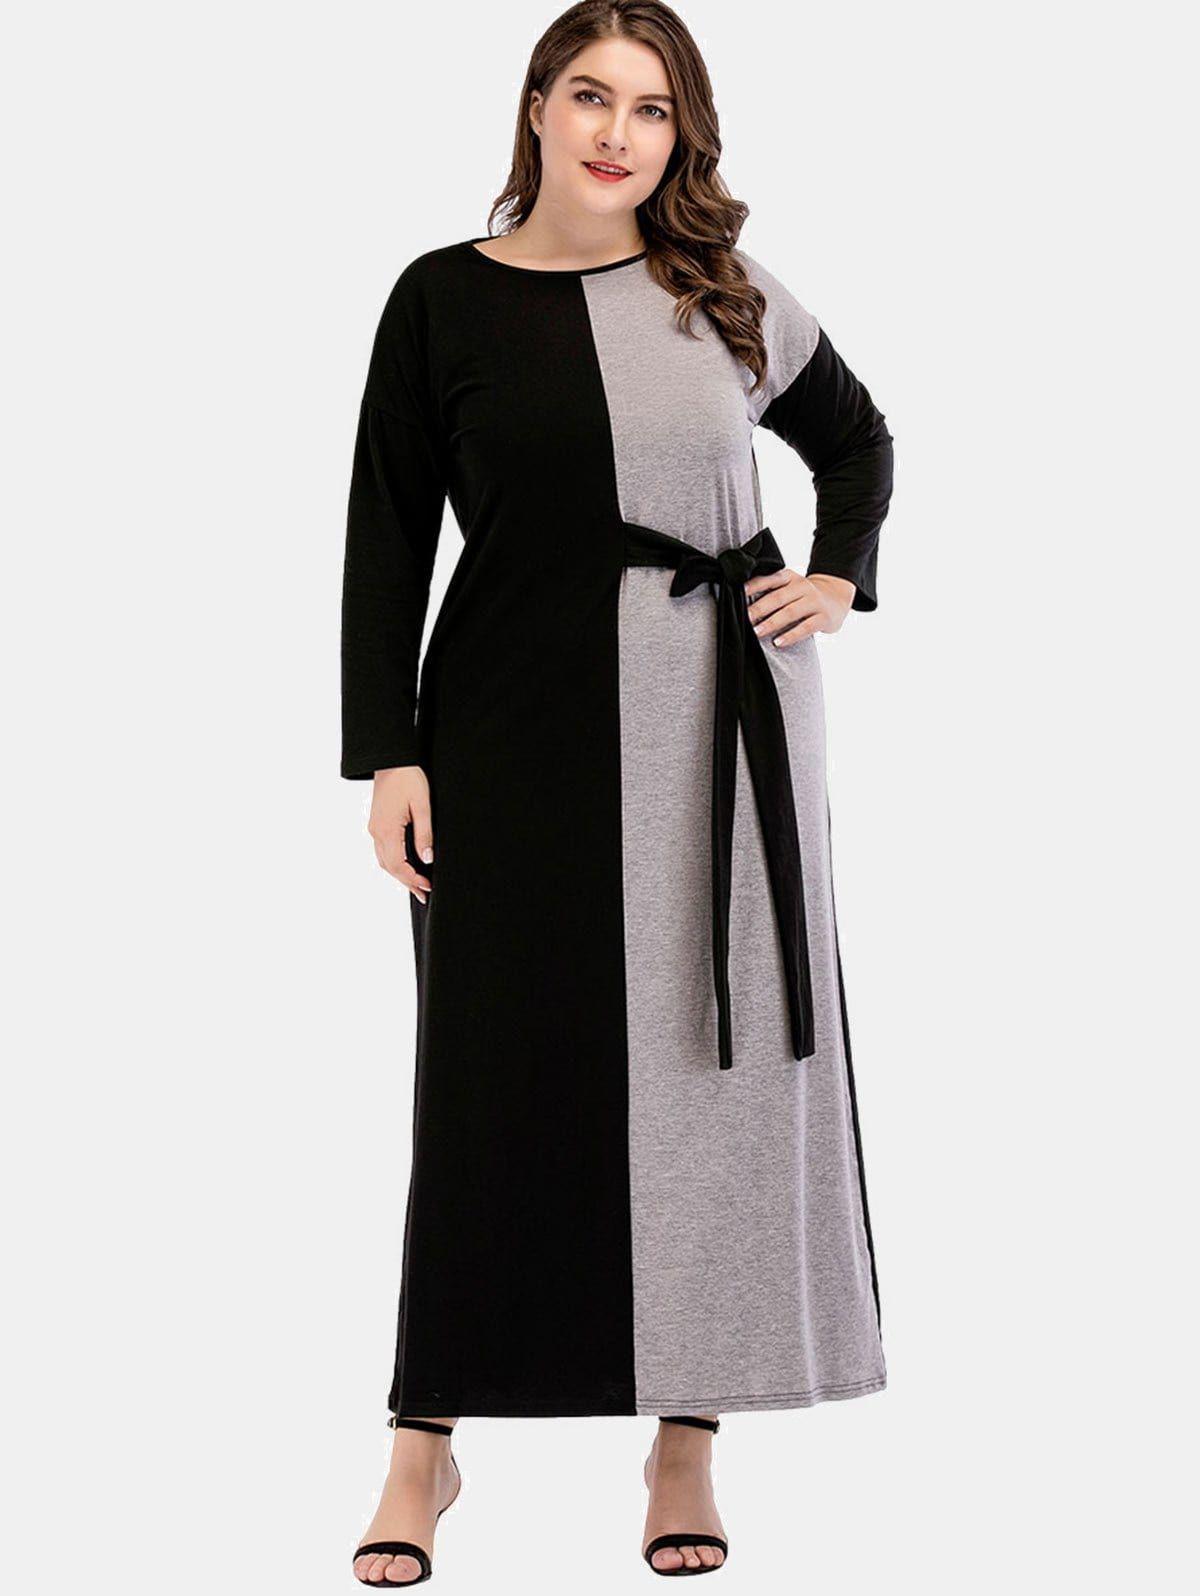 Plus Size Maxi Dresses Online – DACC